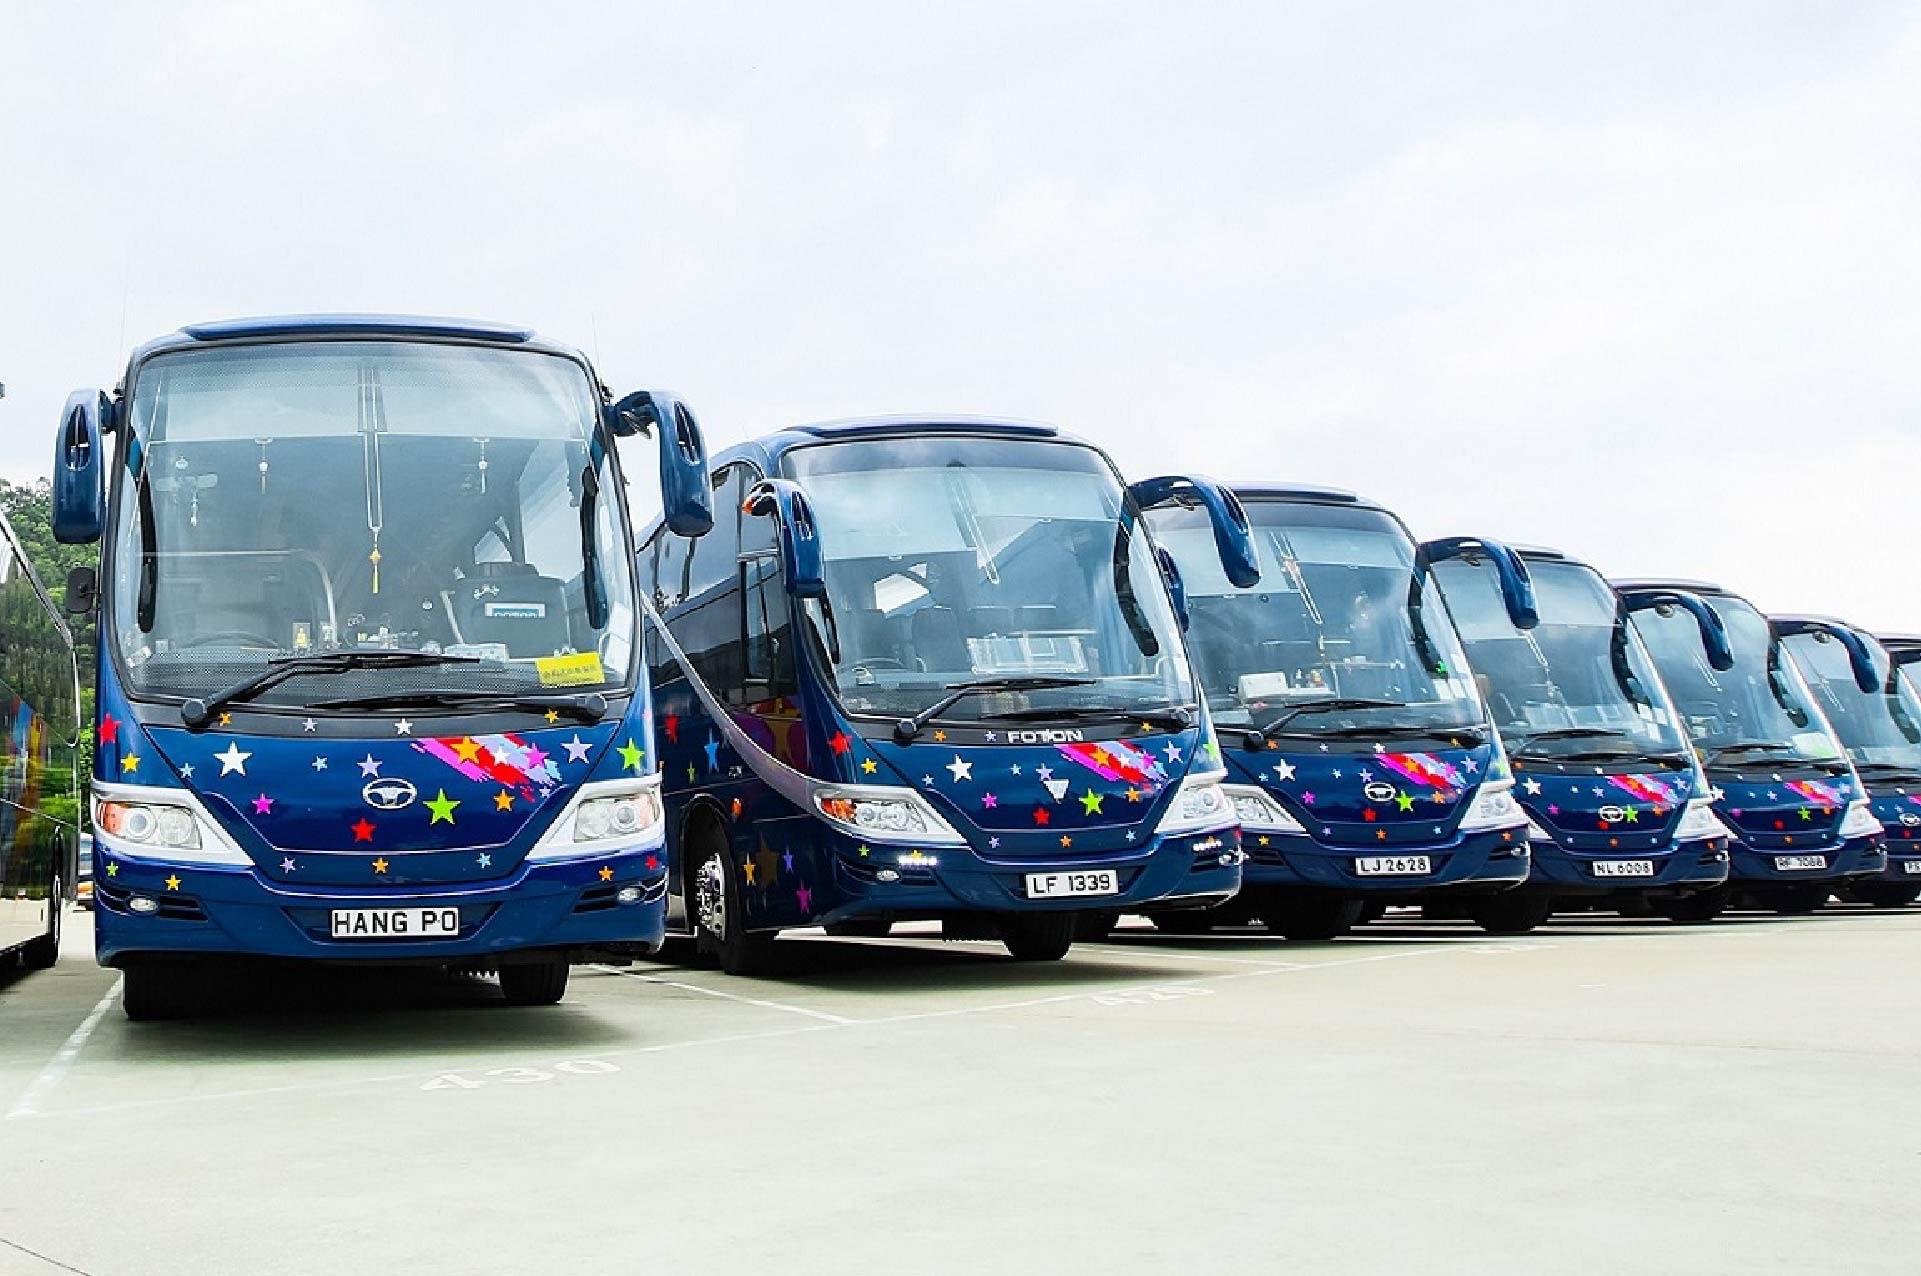 Hang Po Transportation